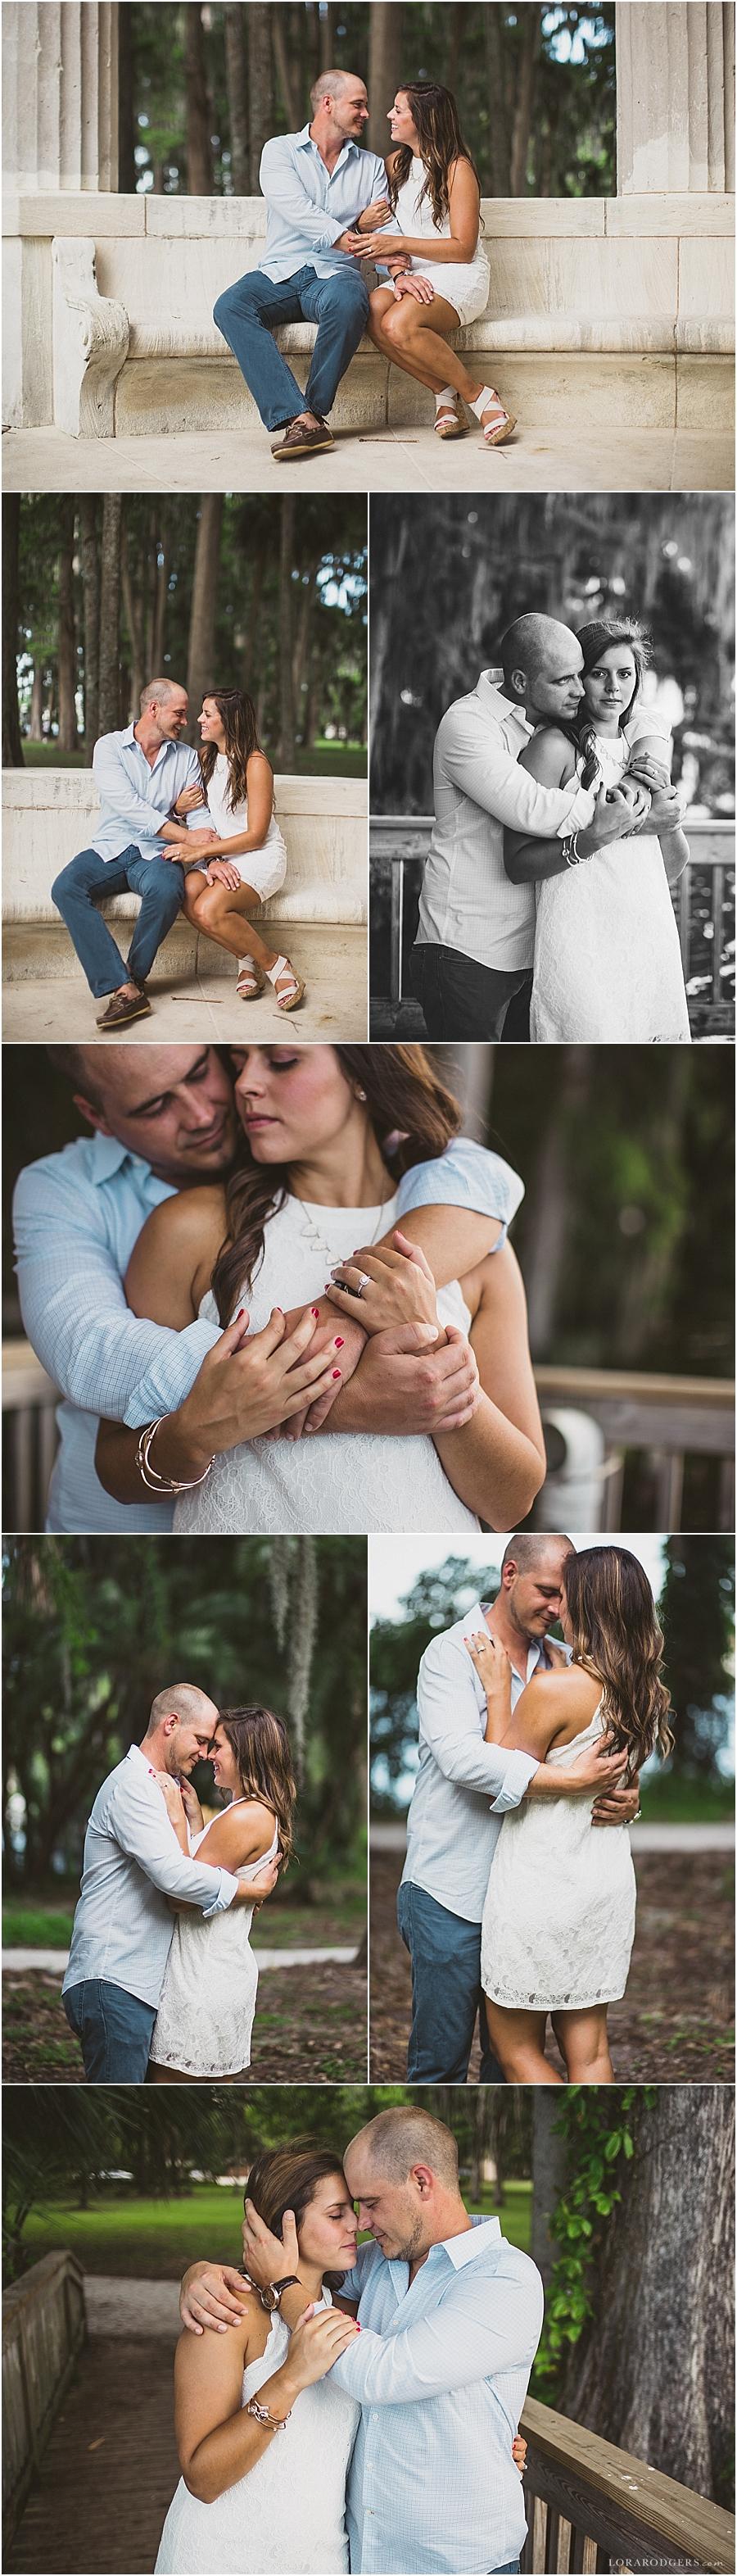 Kraft_Azalea_Engagement_Photos_Winter_Park_Florida_004